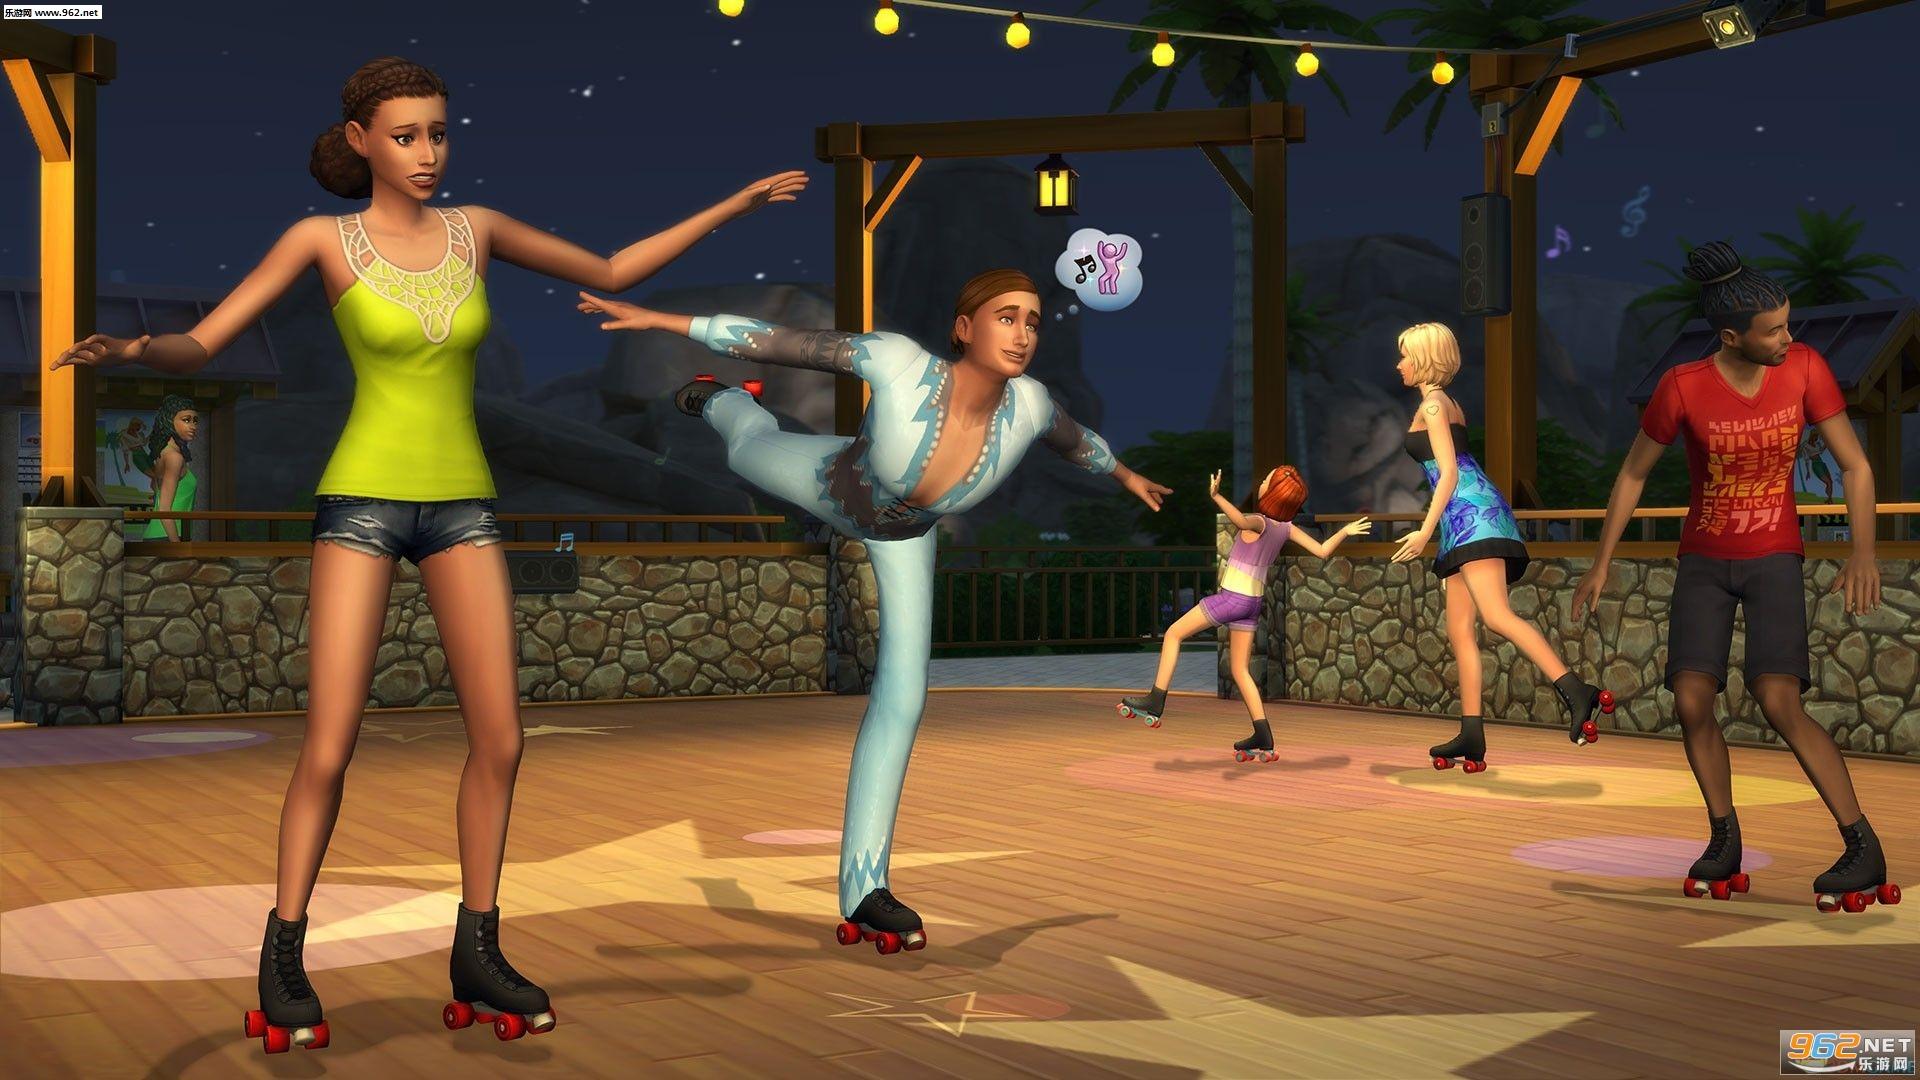 模拟人生4:春夏秋冬(The Sims 4: Seasons)DLC合集版截图6